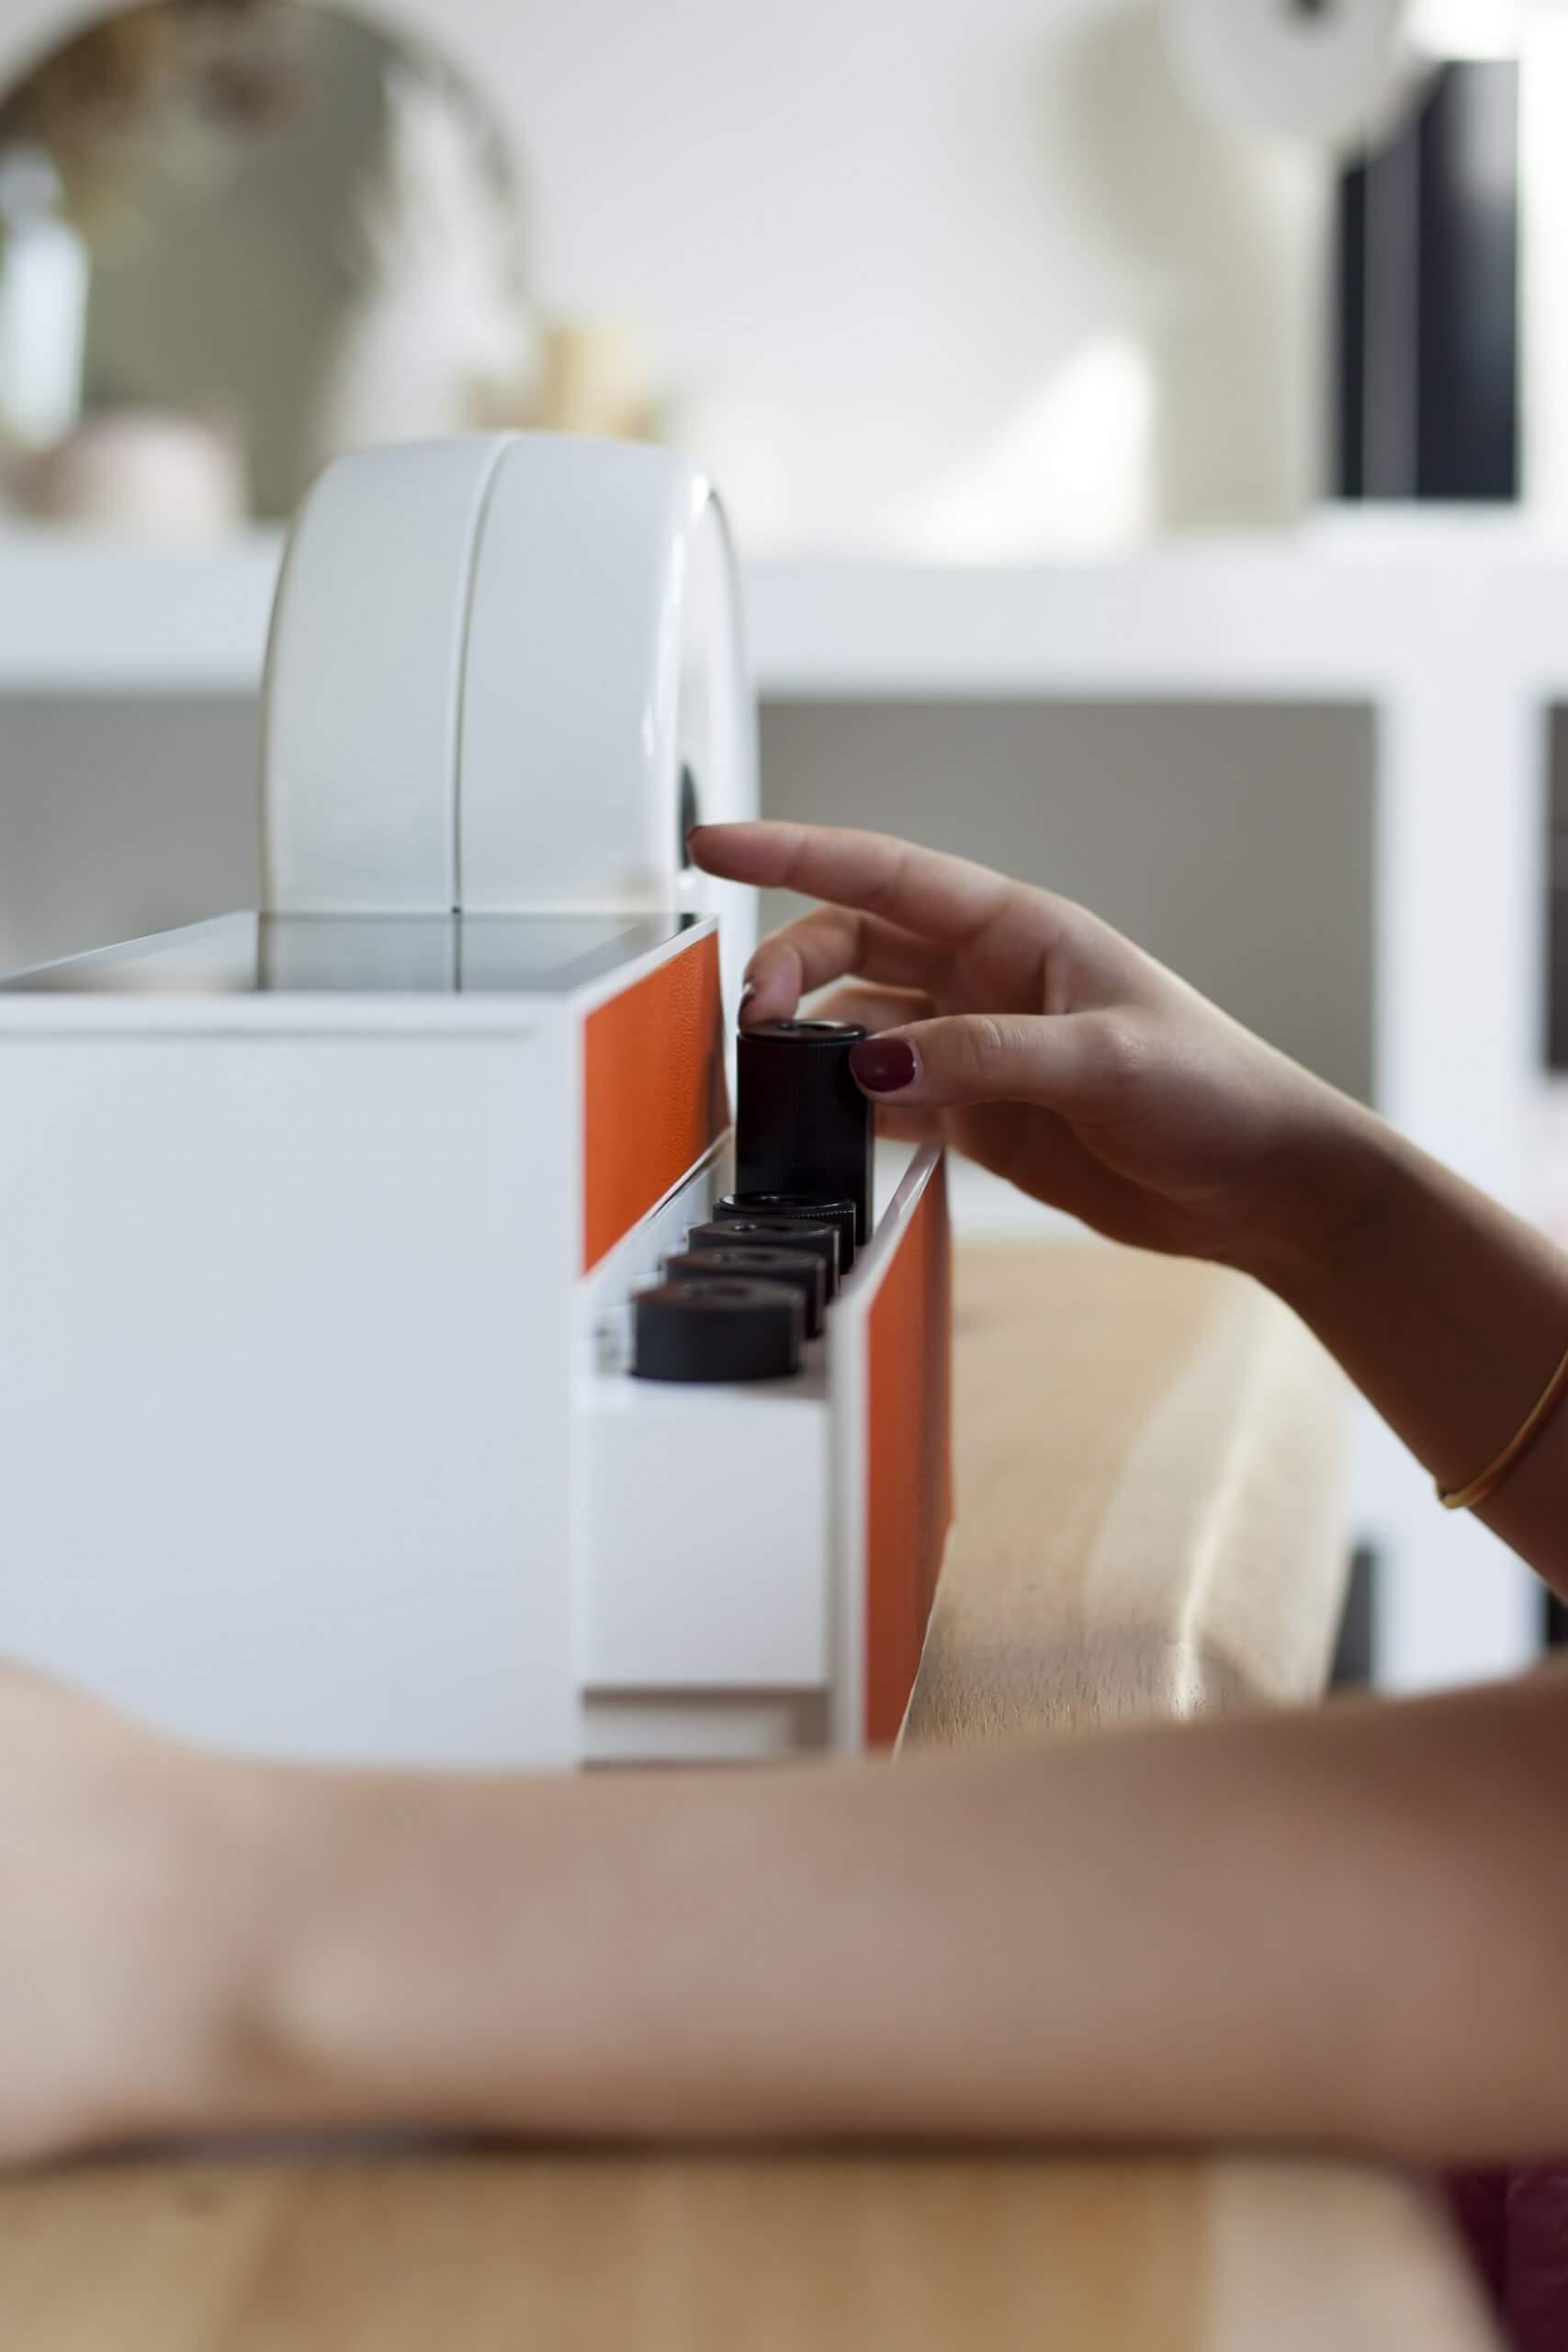 Le Compositeur Compoz Parfum Diffuseur d'huile essentielle parfum naturelle finition cuir orange